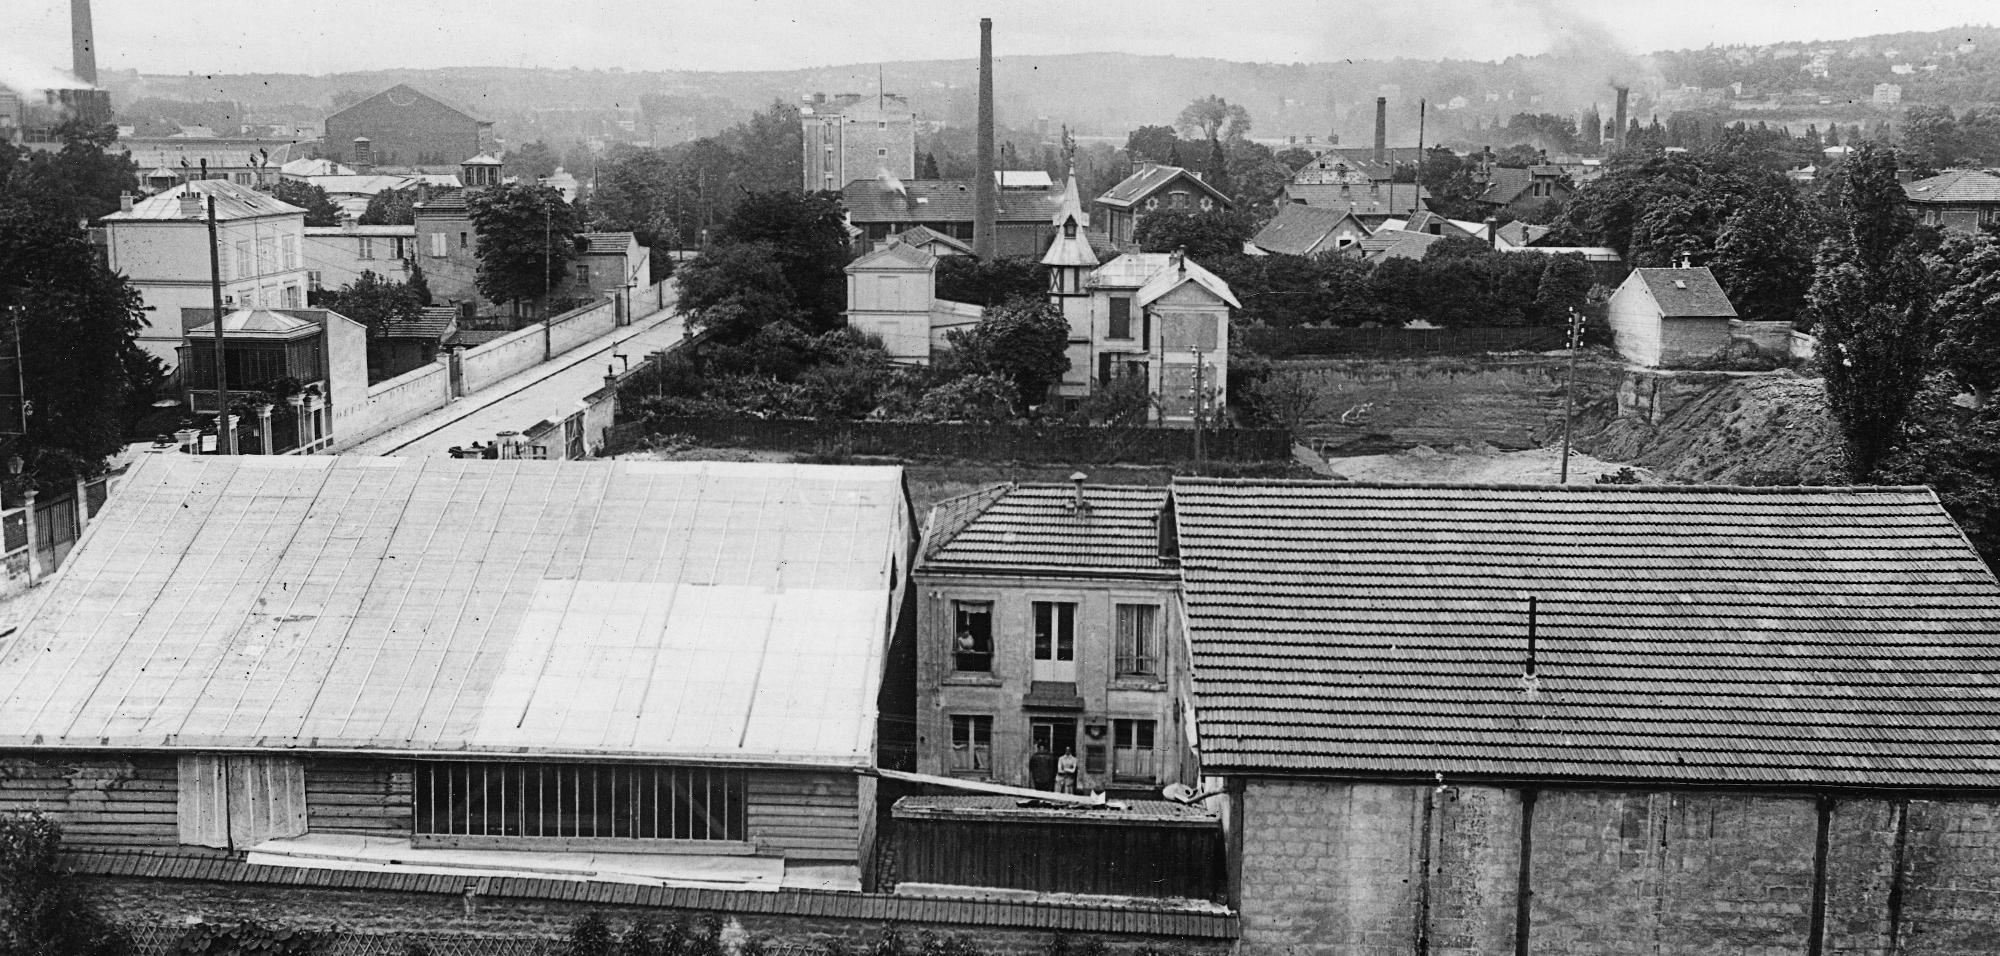 Les ateliers Voisin, 4 rue de la Ferme et maison pointue